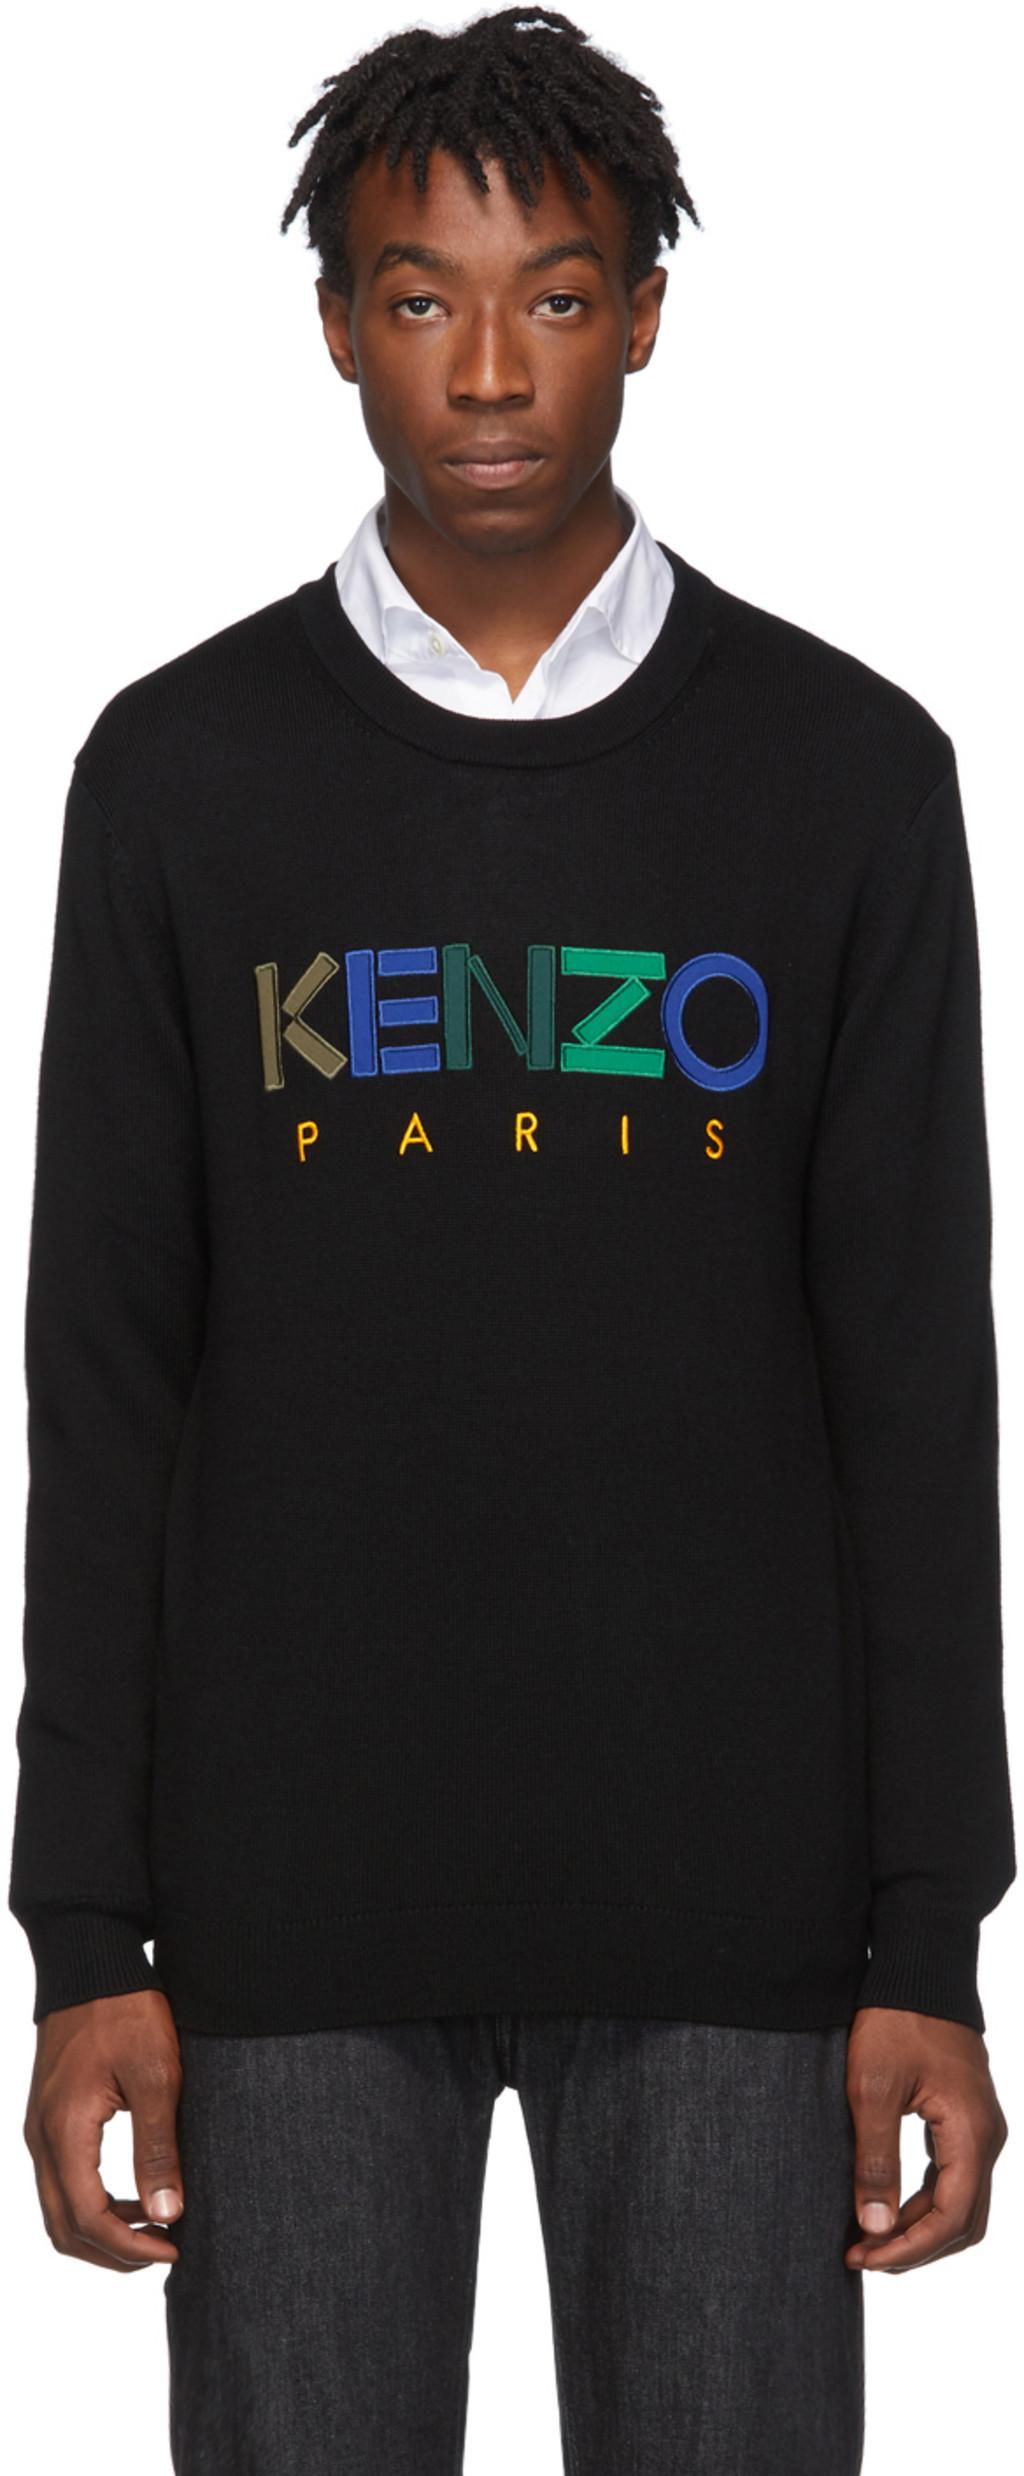 2a982b4f02 Black Wool 'Kenzo Paris' Sweater